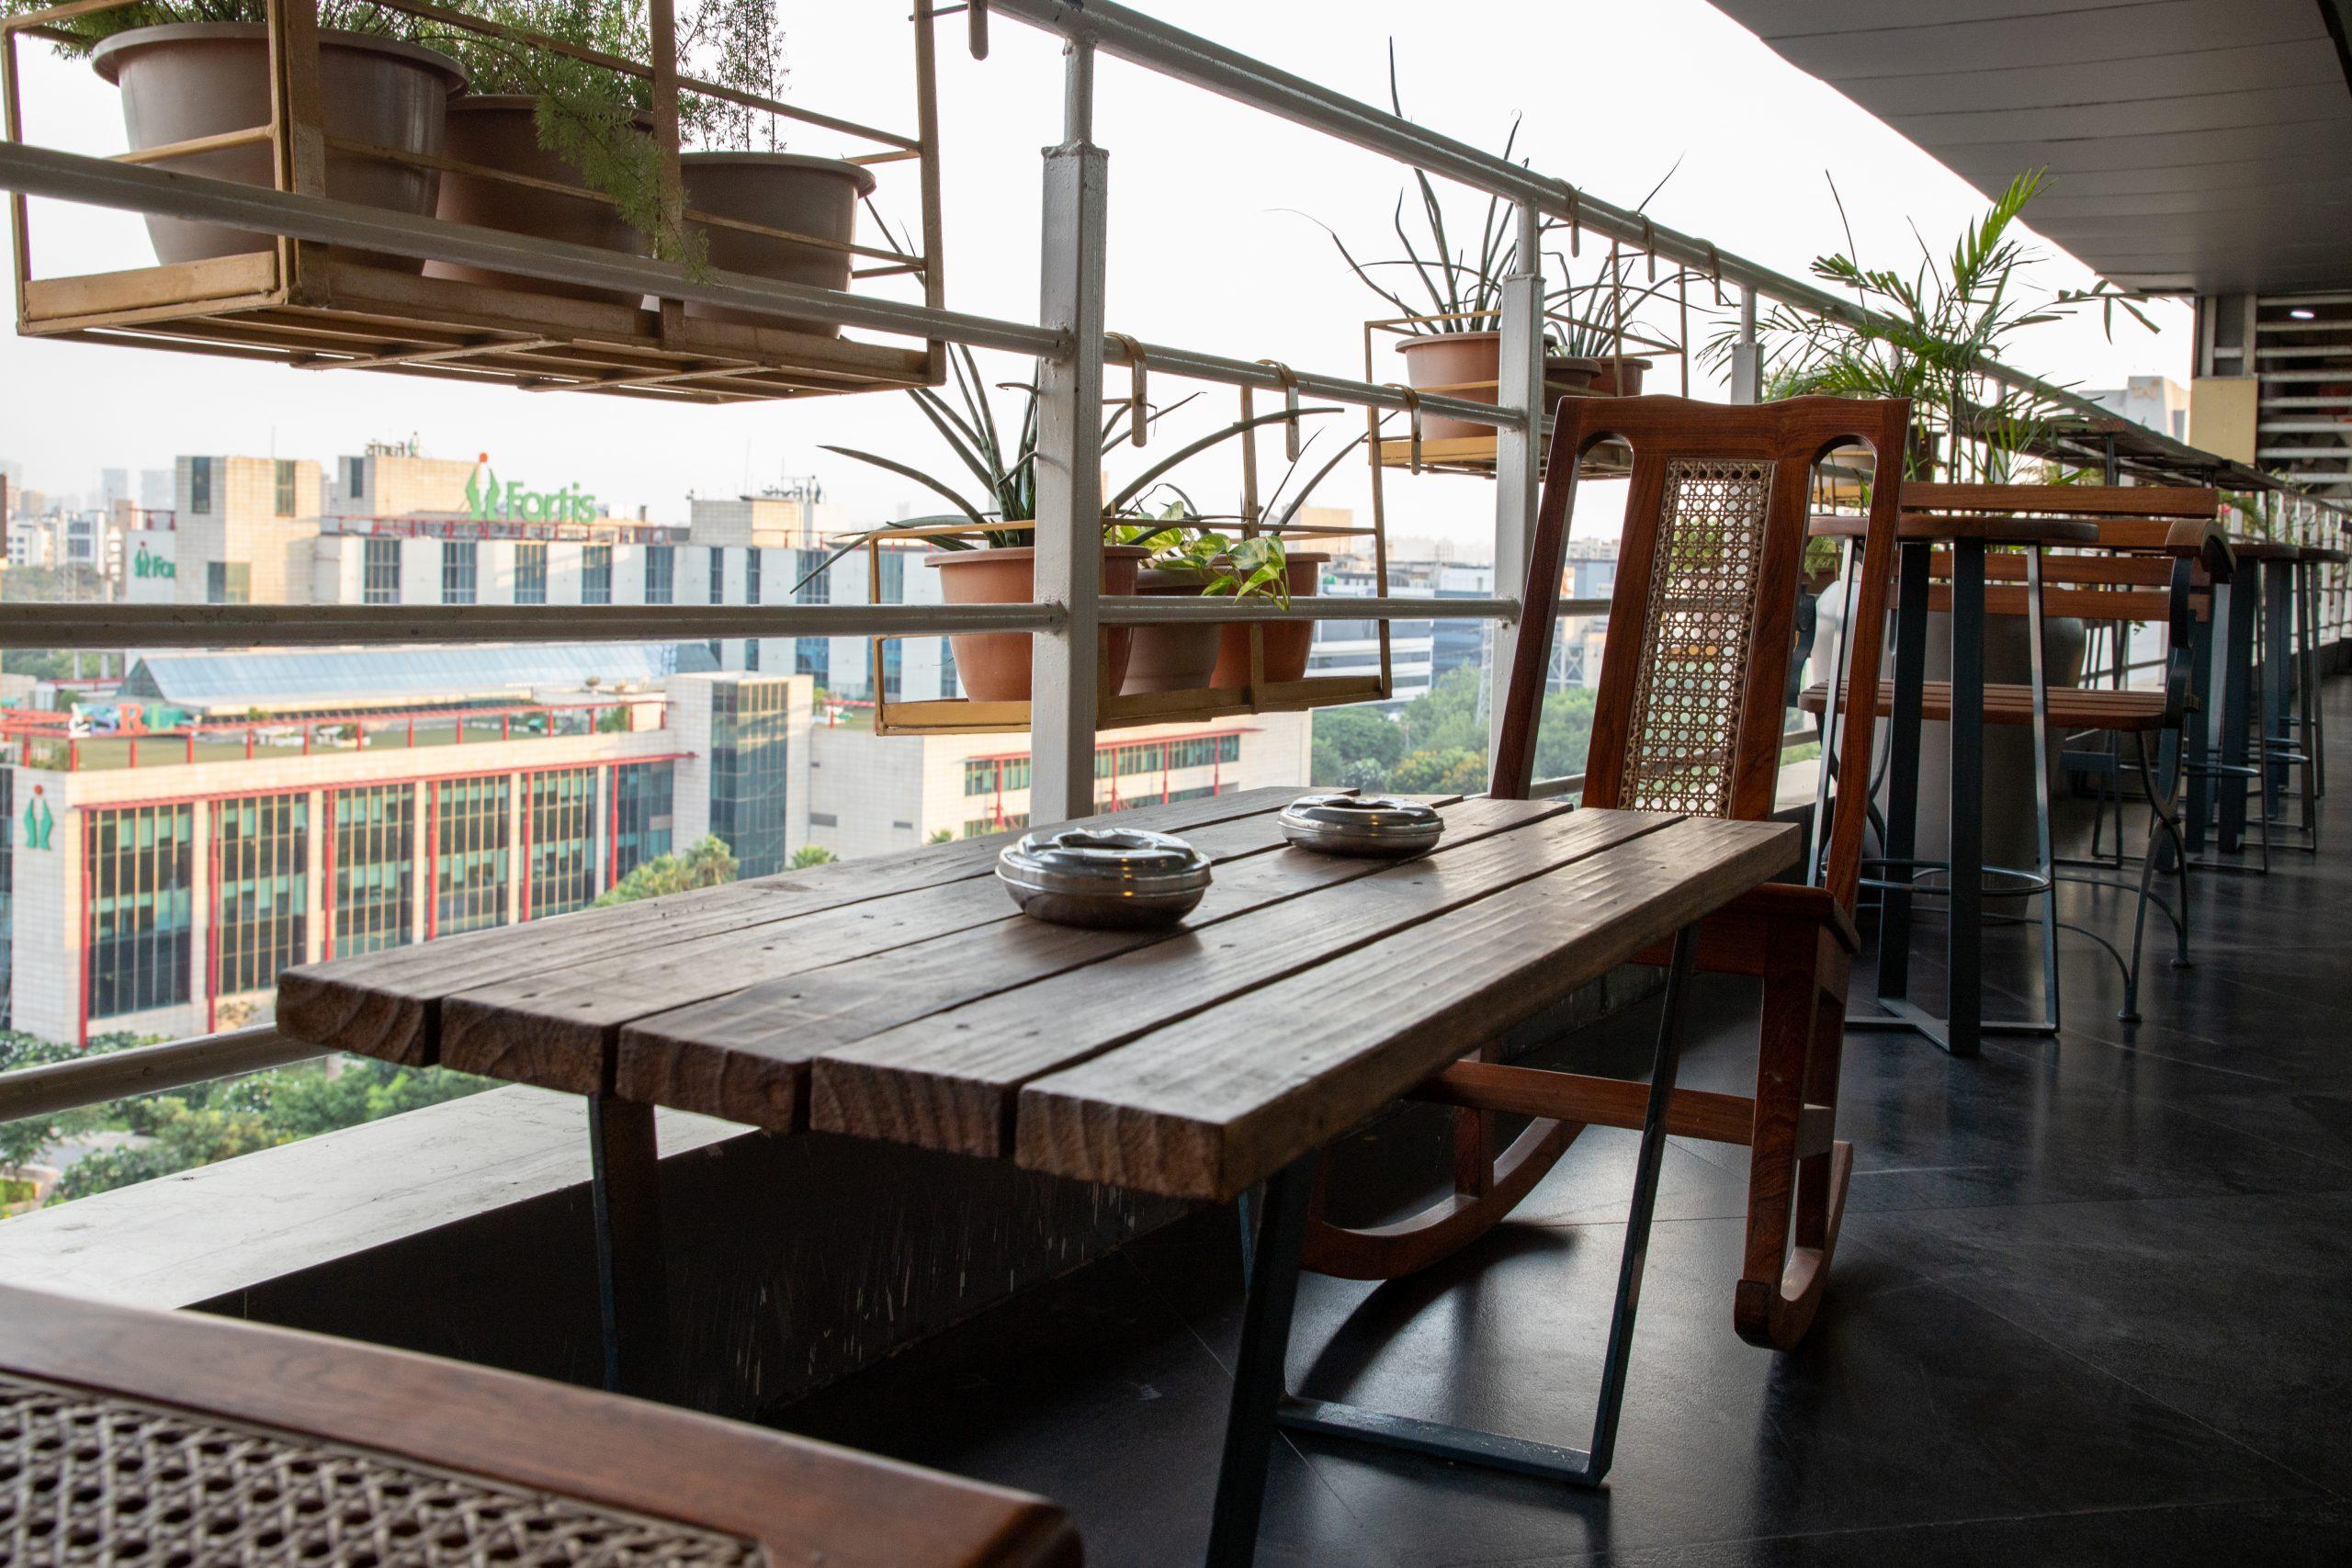 Balcony Areas